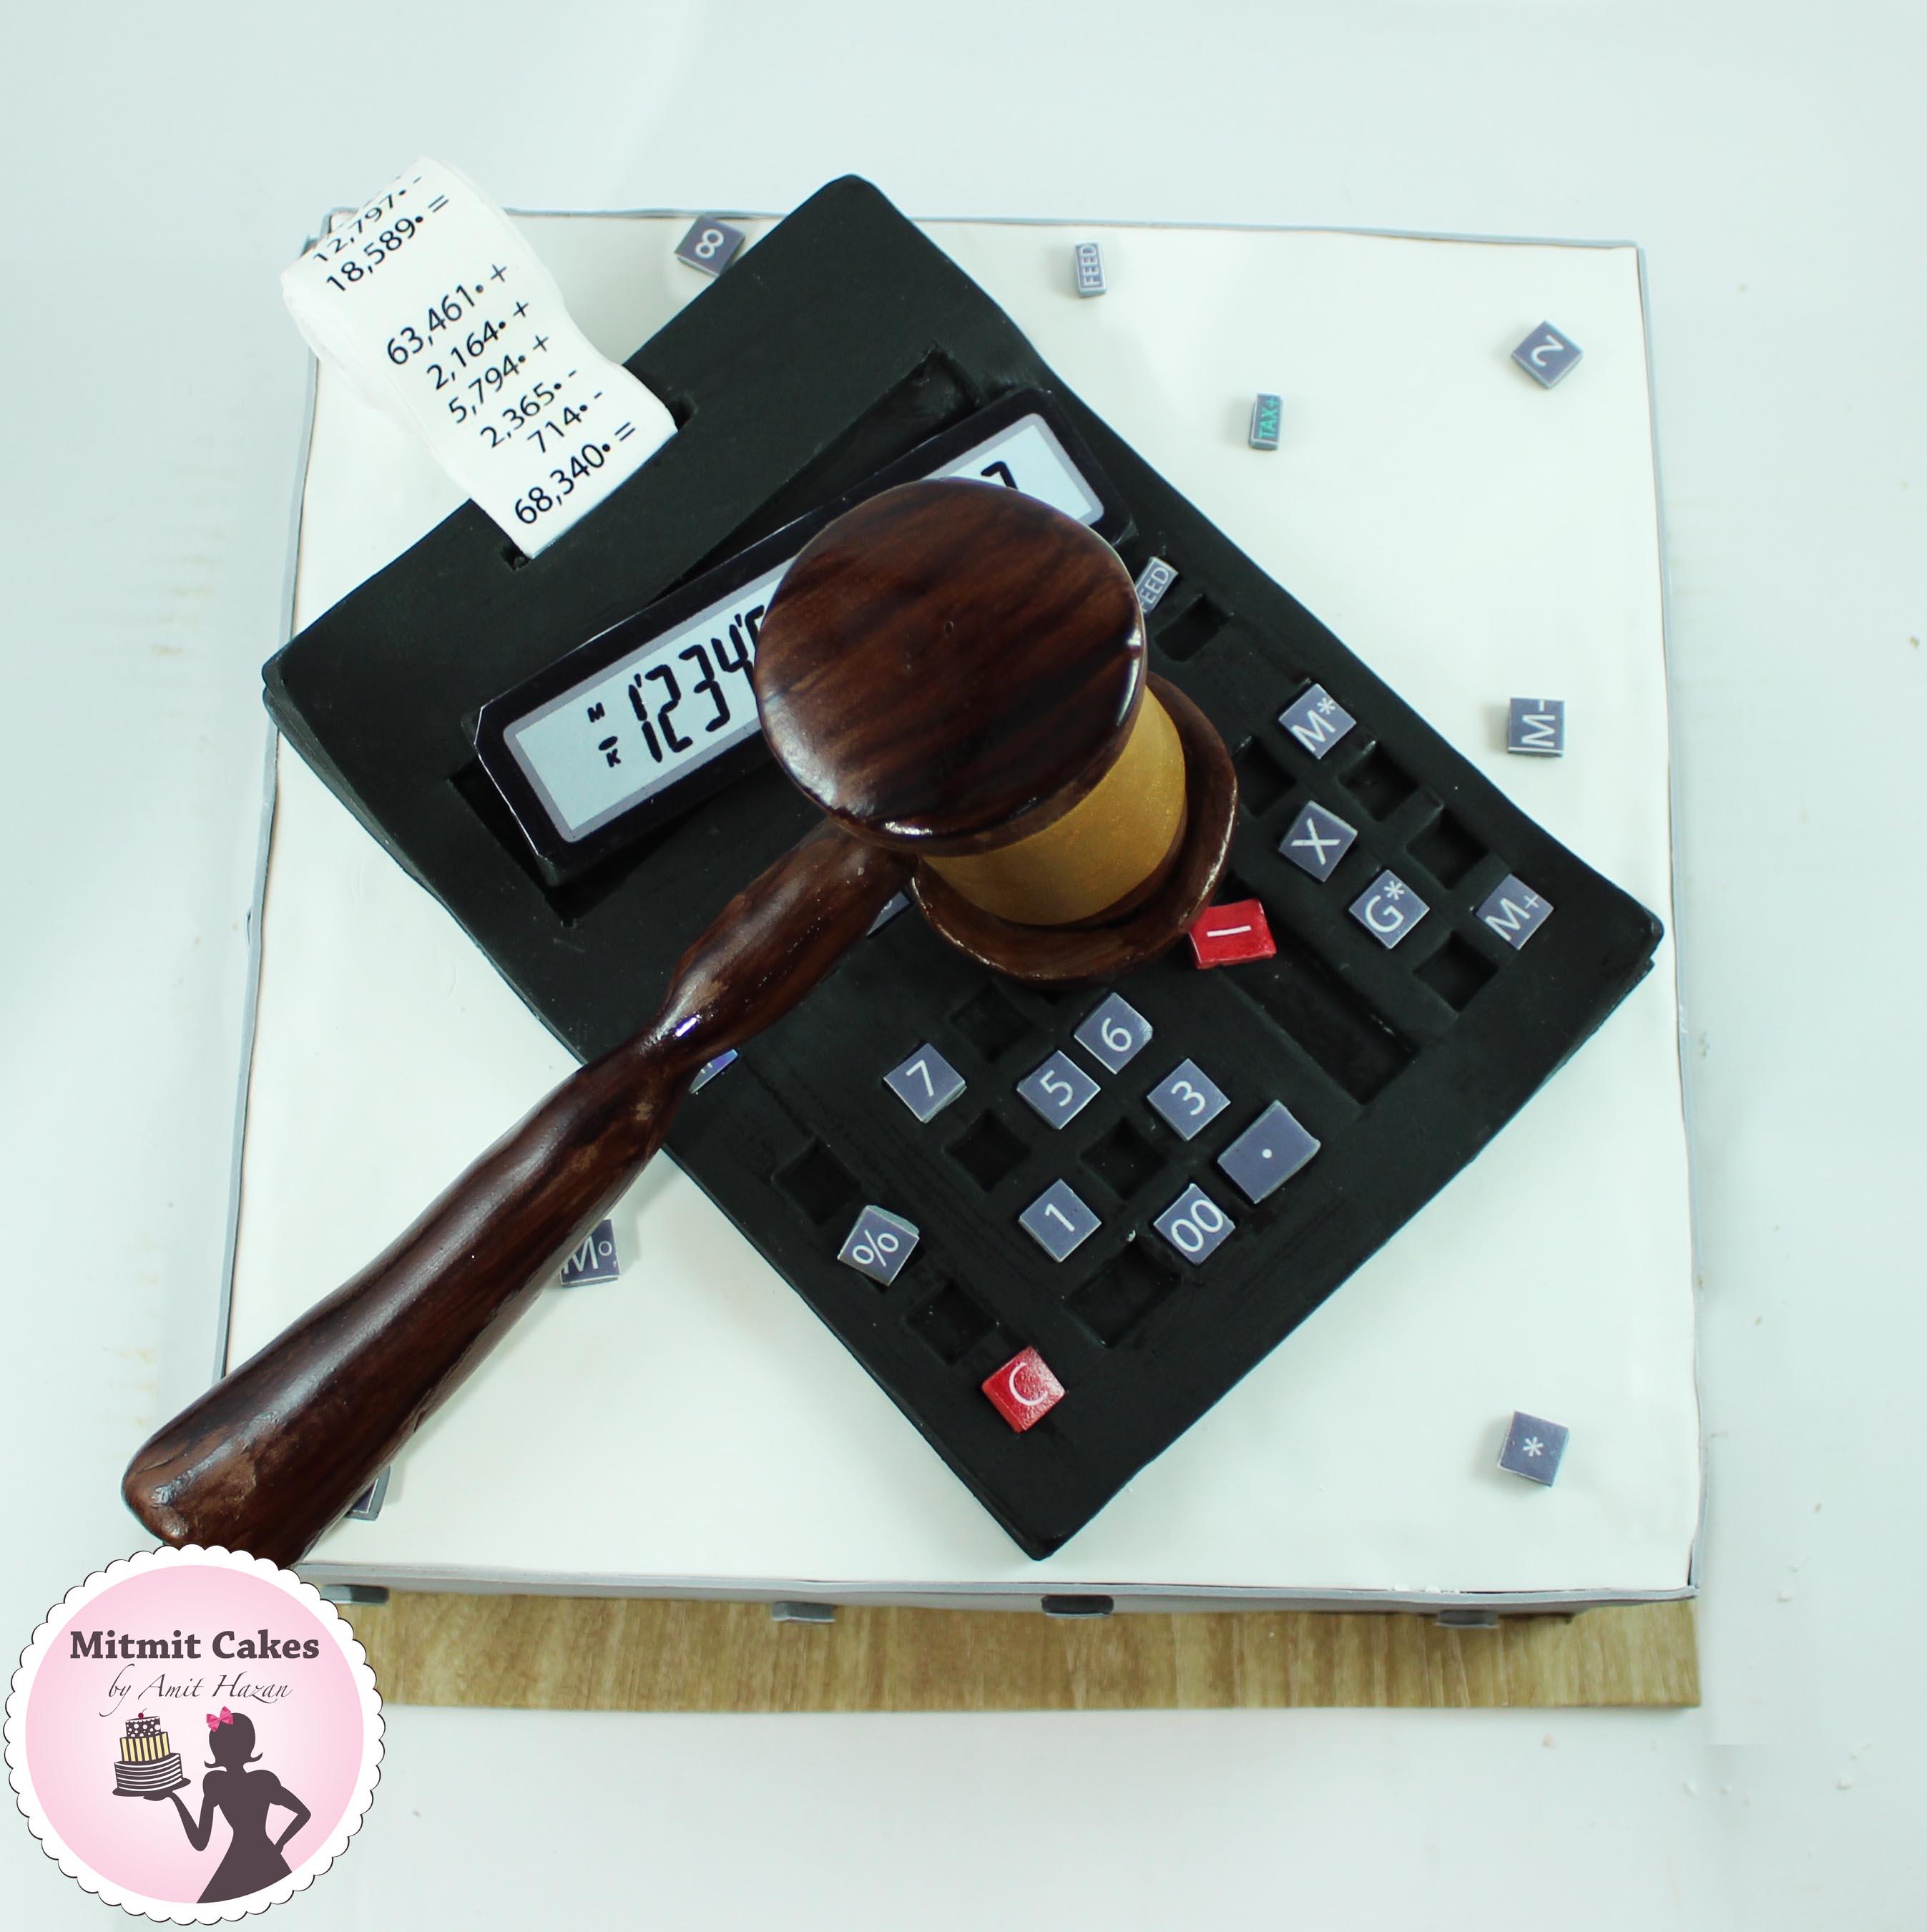 עוגה פטיש שופטים עם מחשבון